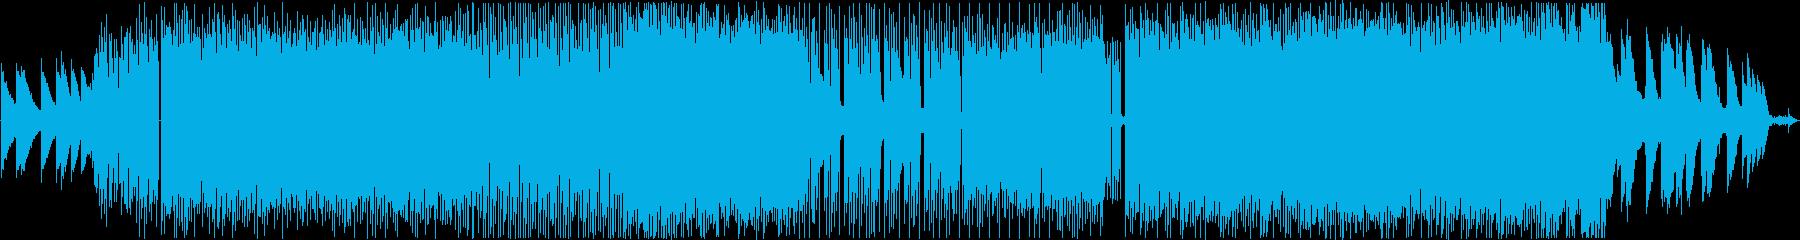 クールでかっこいいローファイヒップホップの再生済みの波形